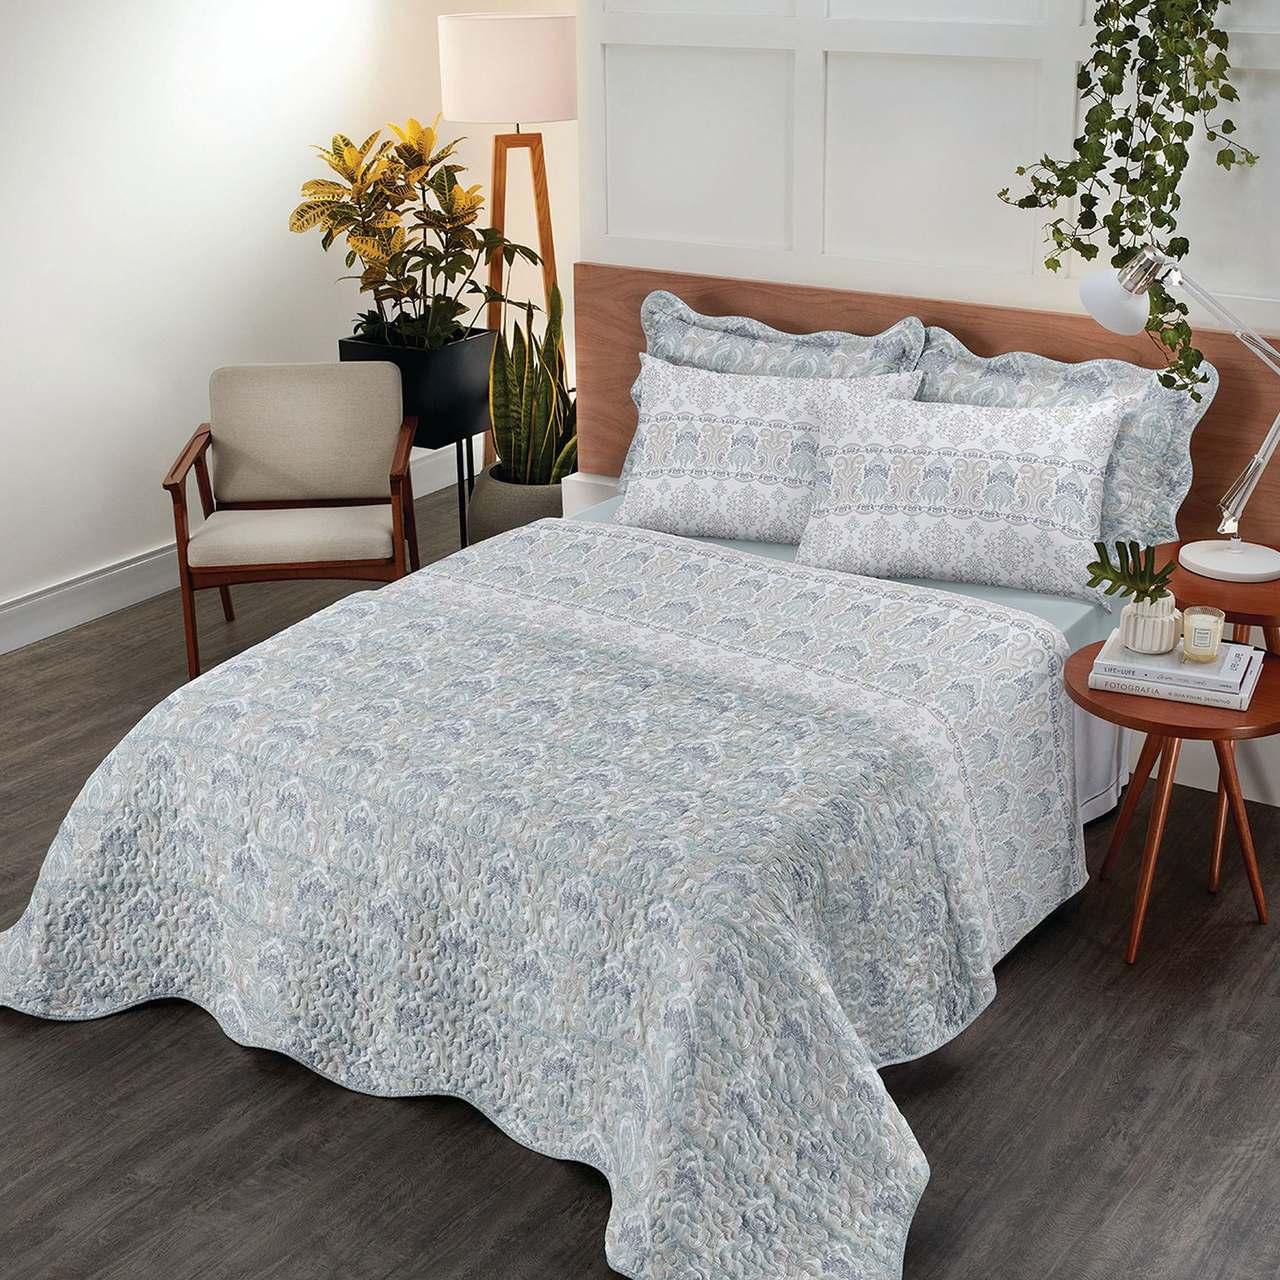 jogo de cama king Royal Arabesque 100% algodão estampado azul - Santista